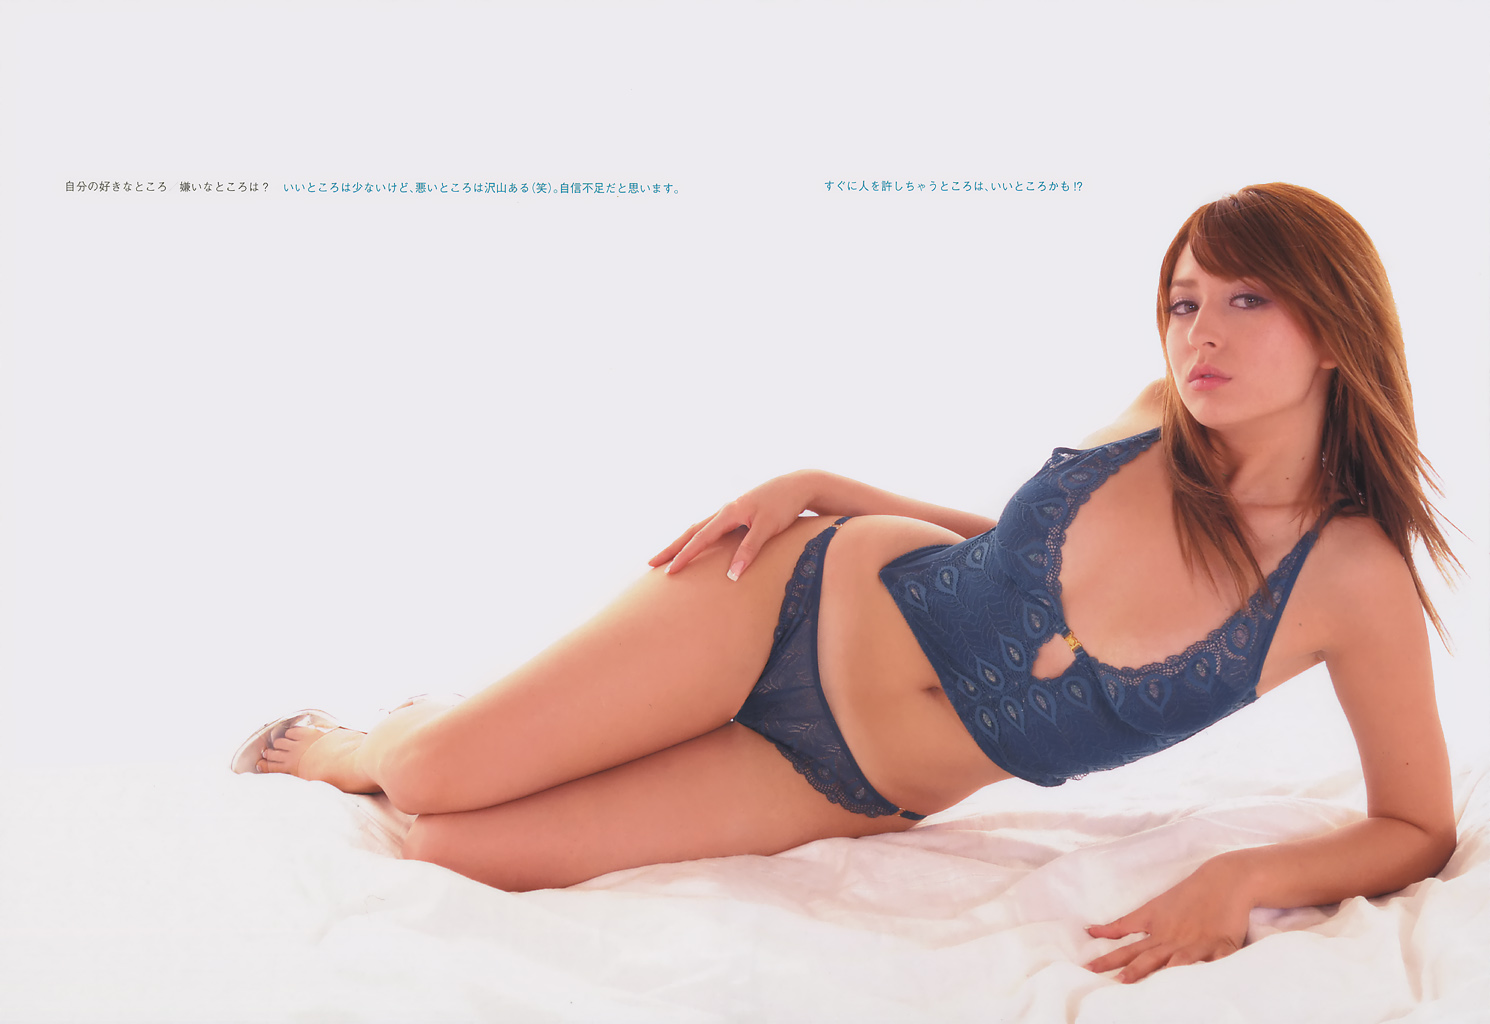 混血女神莉亞迪桑拍攝「睽違10年性感寫真」,現在30歲火辣程度又大大升級了!